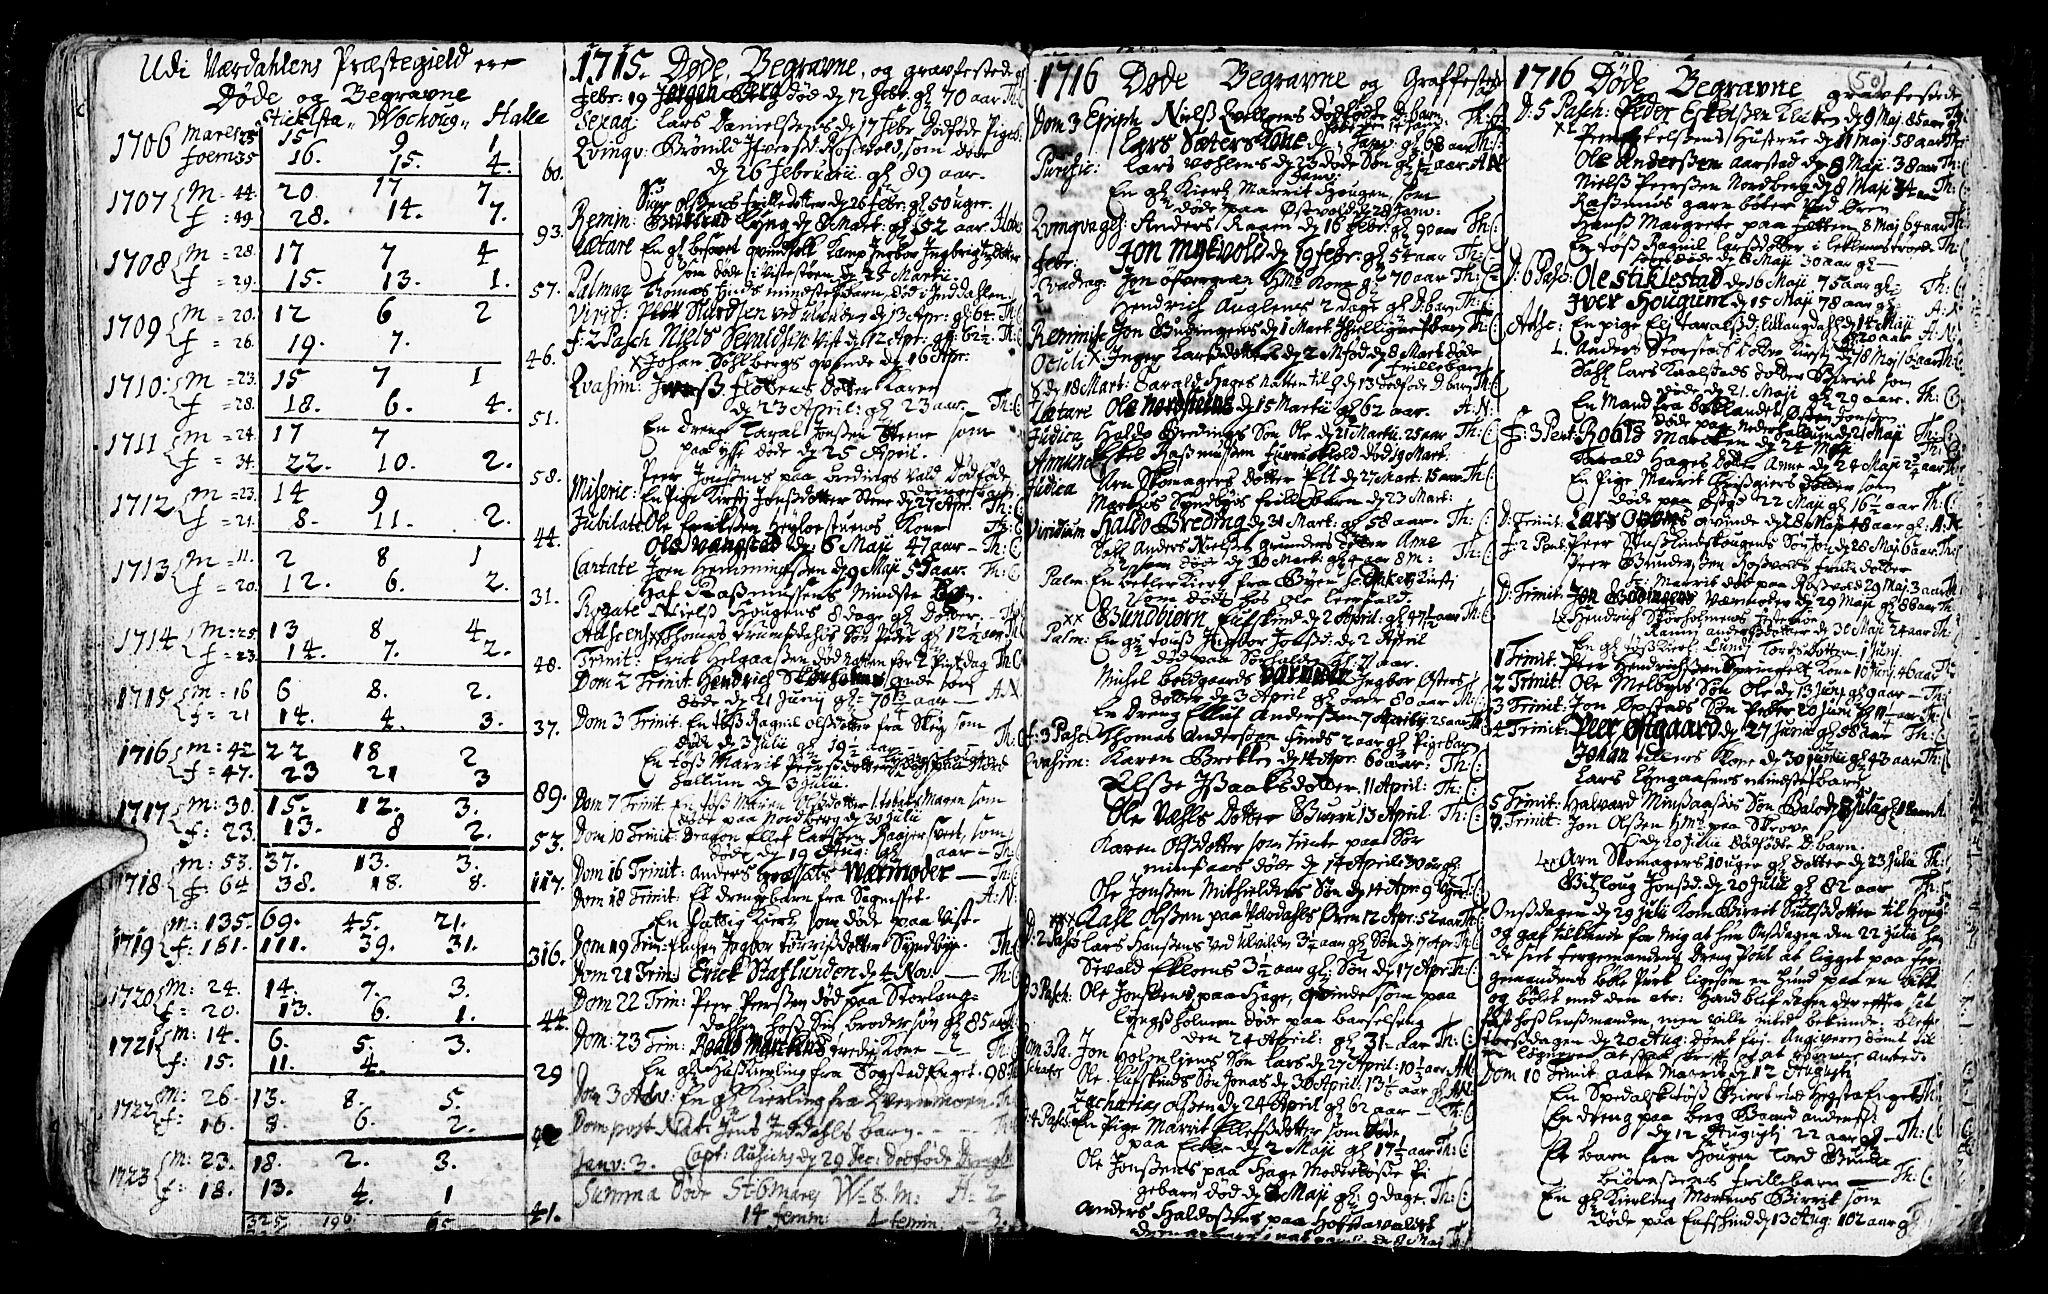 SAT, Ministerialprotokoller, klokkerbøker og fødselsregistre - Nord-Trøndelag, 723/L0230: Ministerialbok nr. 723A01, 1705-1747, s. 50